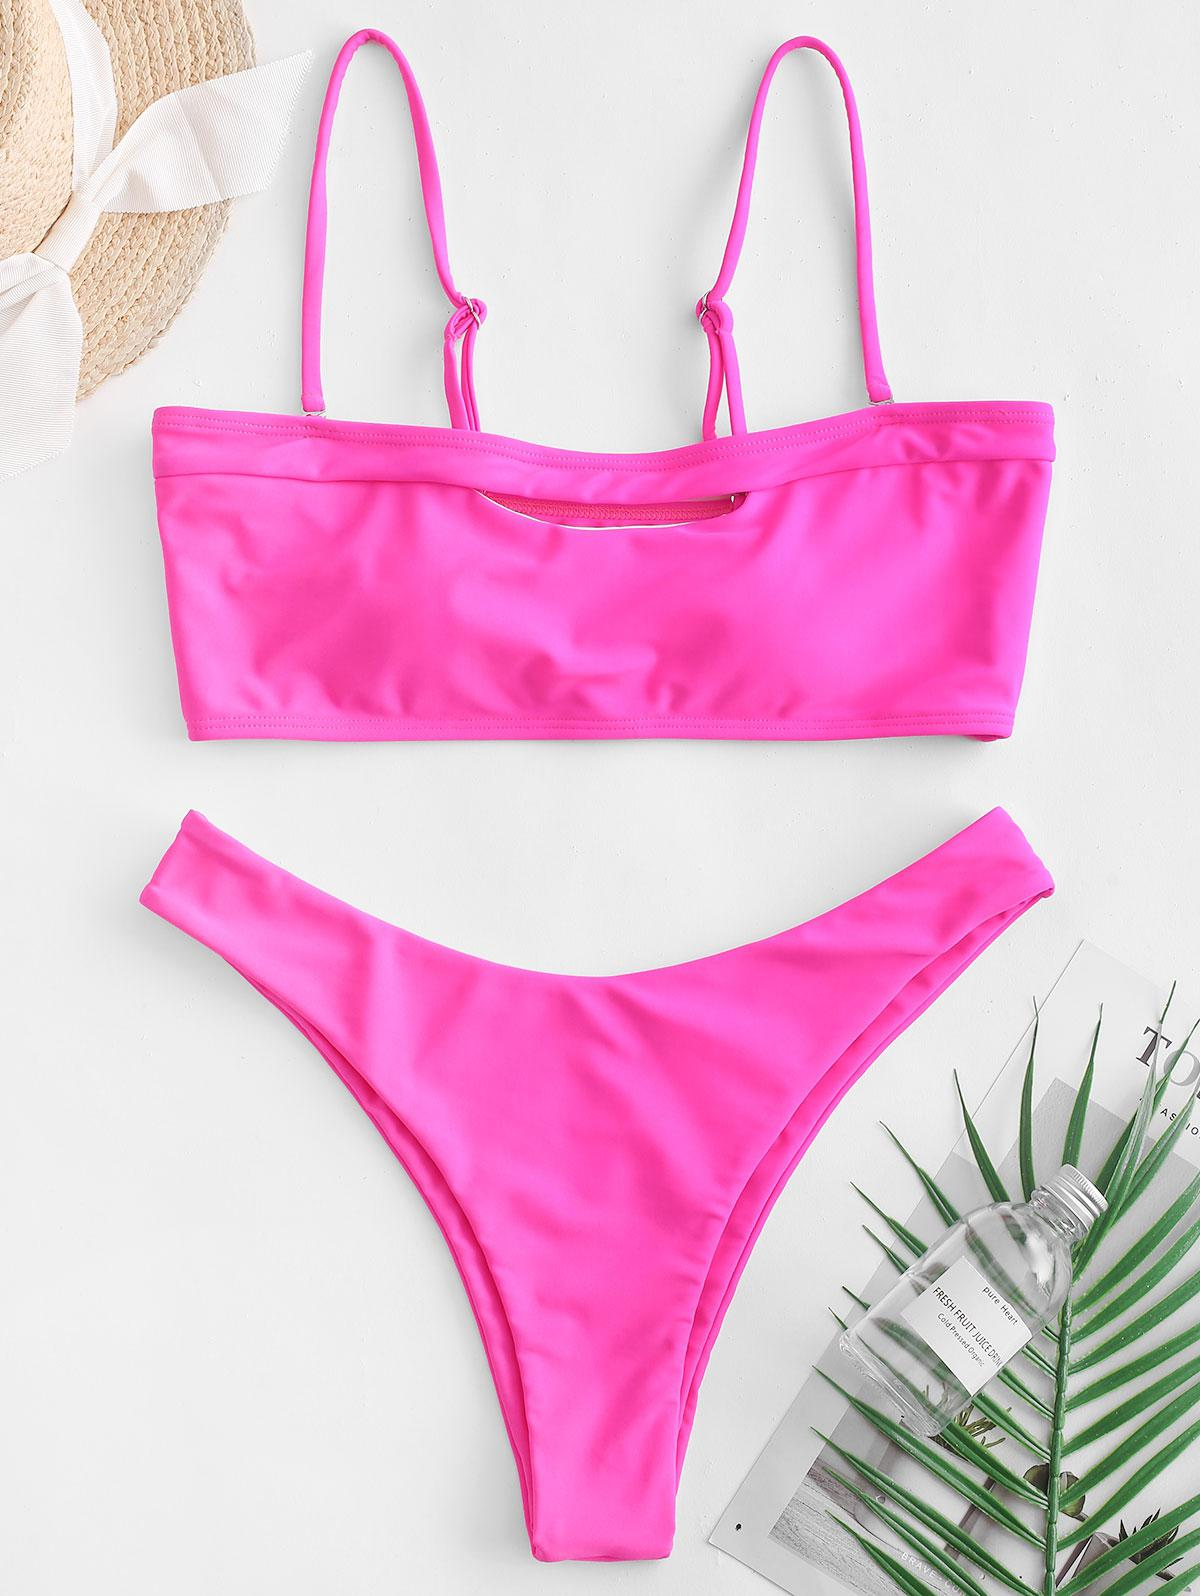 ZAFUL Cutout High Leg Boning Bandeau Bikini Swimsuit thumbnail